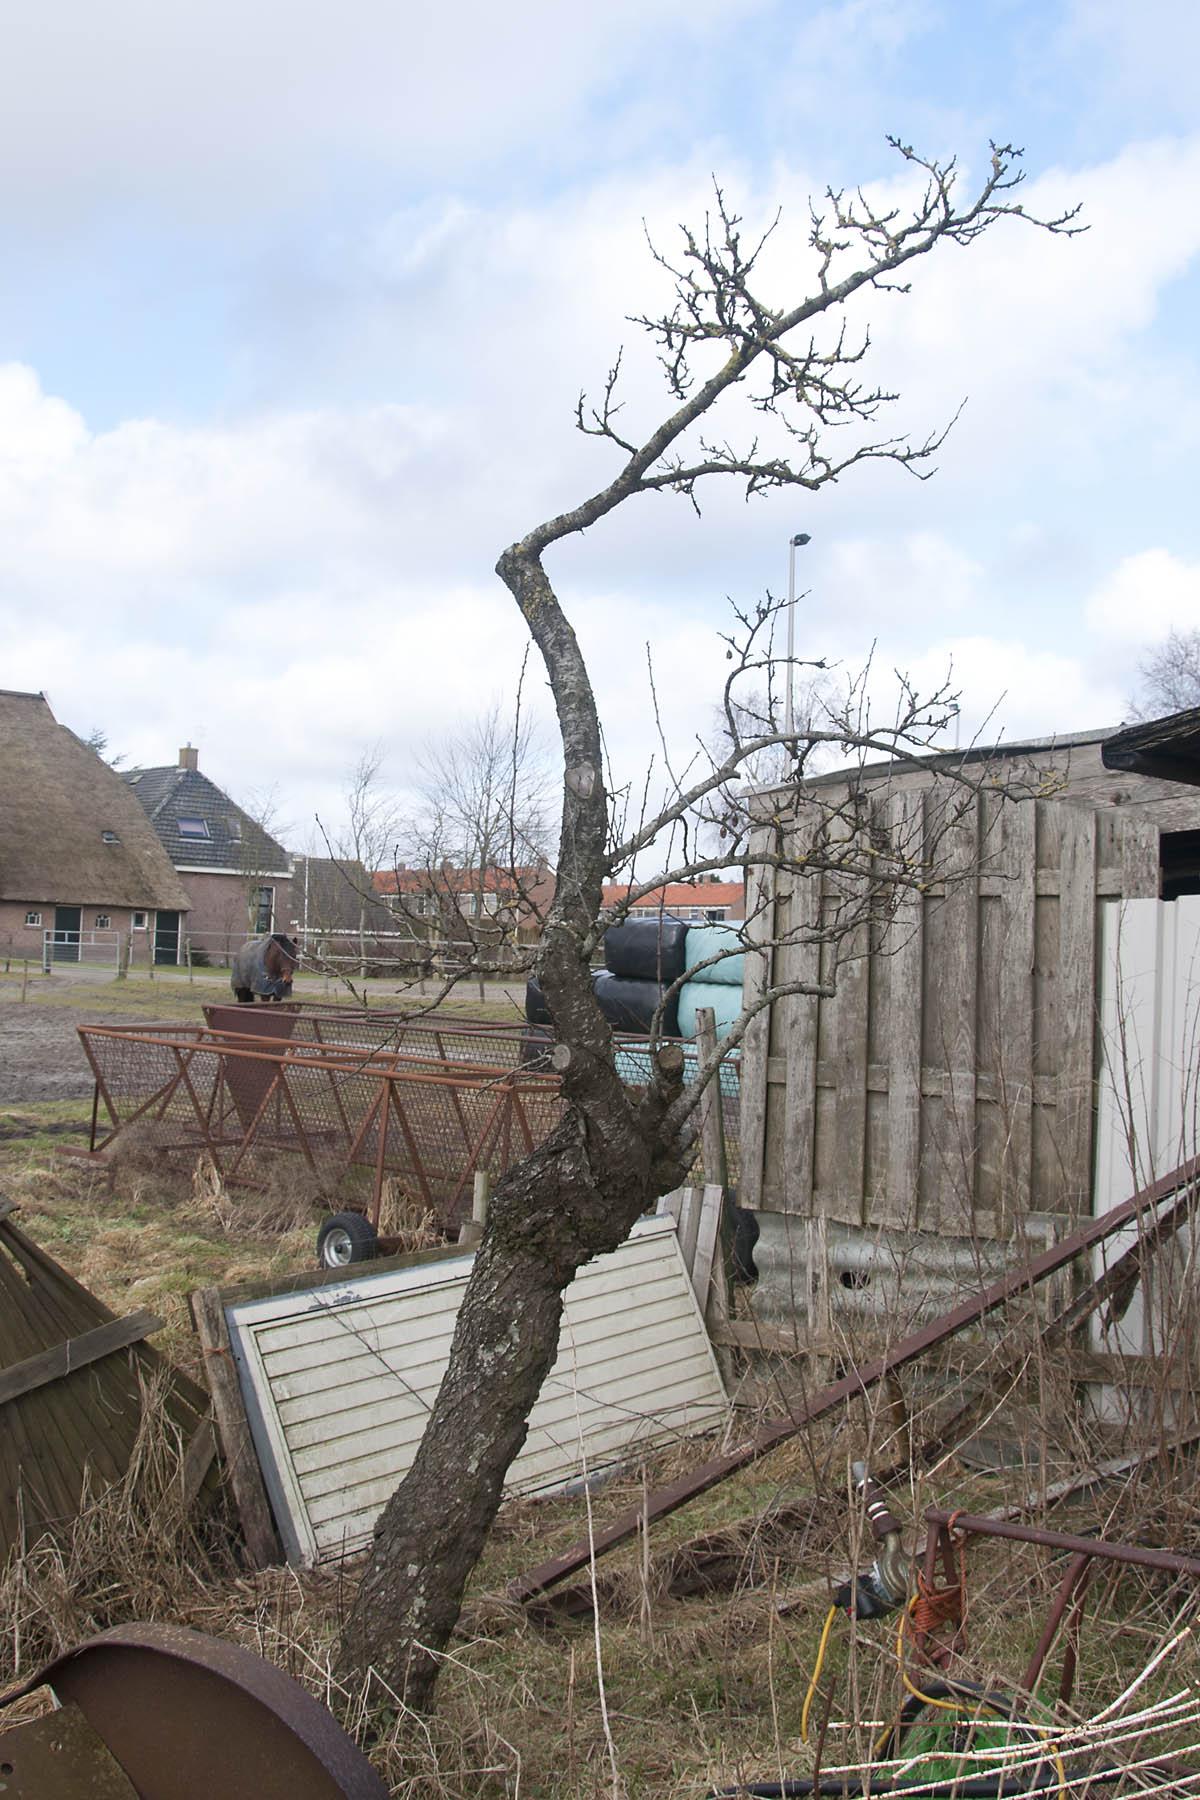 2012-02-25-hsb-zuidveen-3556